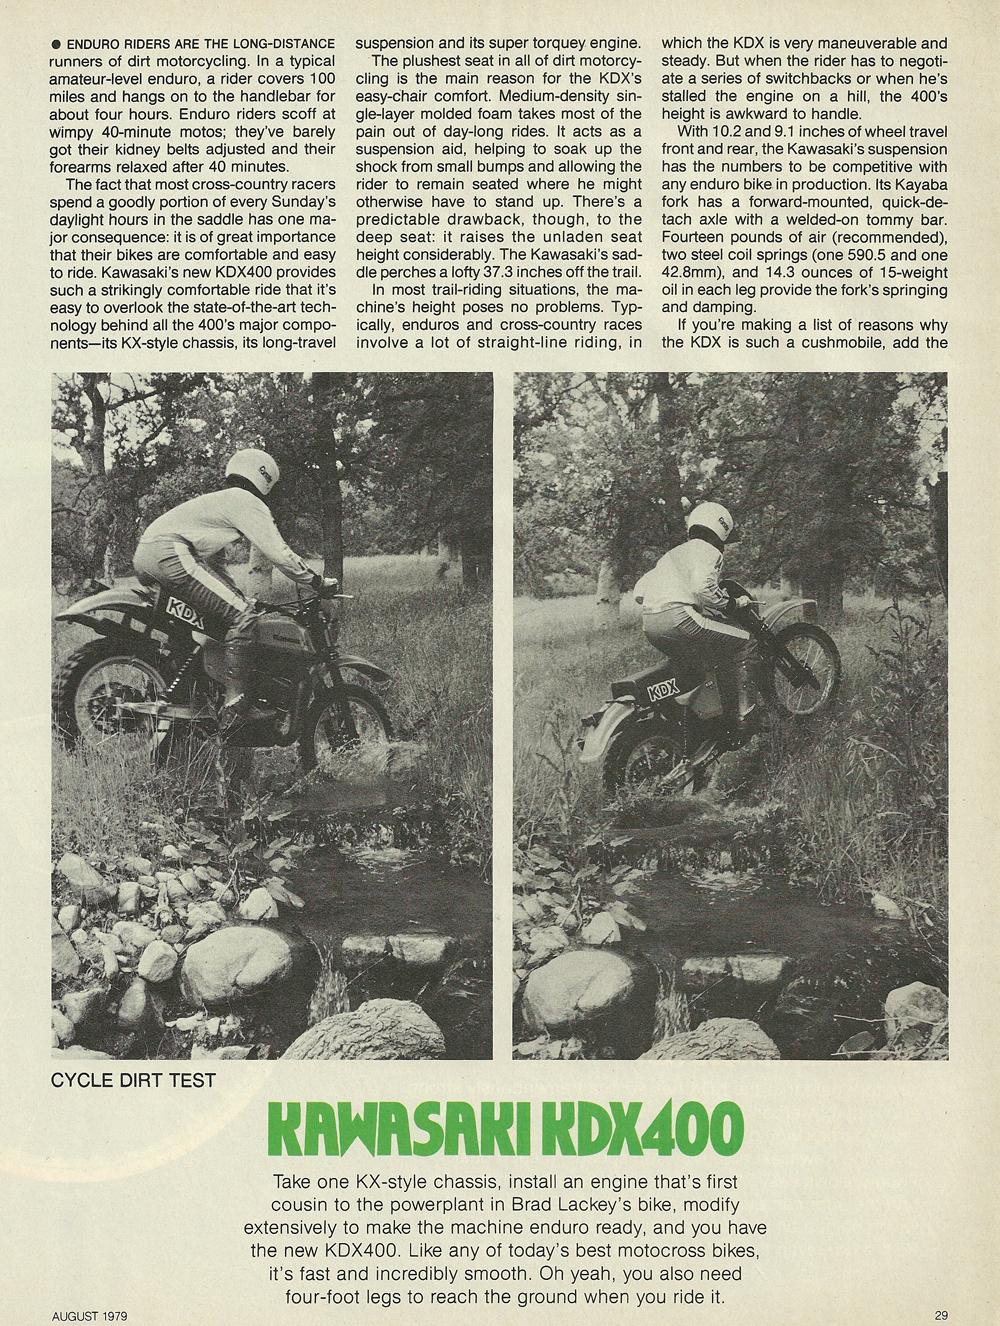 1979 Kawasaki KDX400 off road test 2.jpg